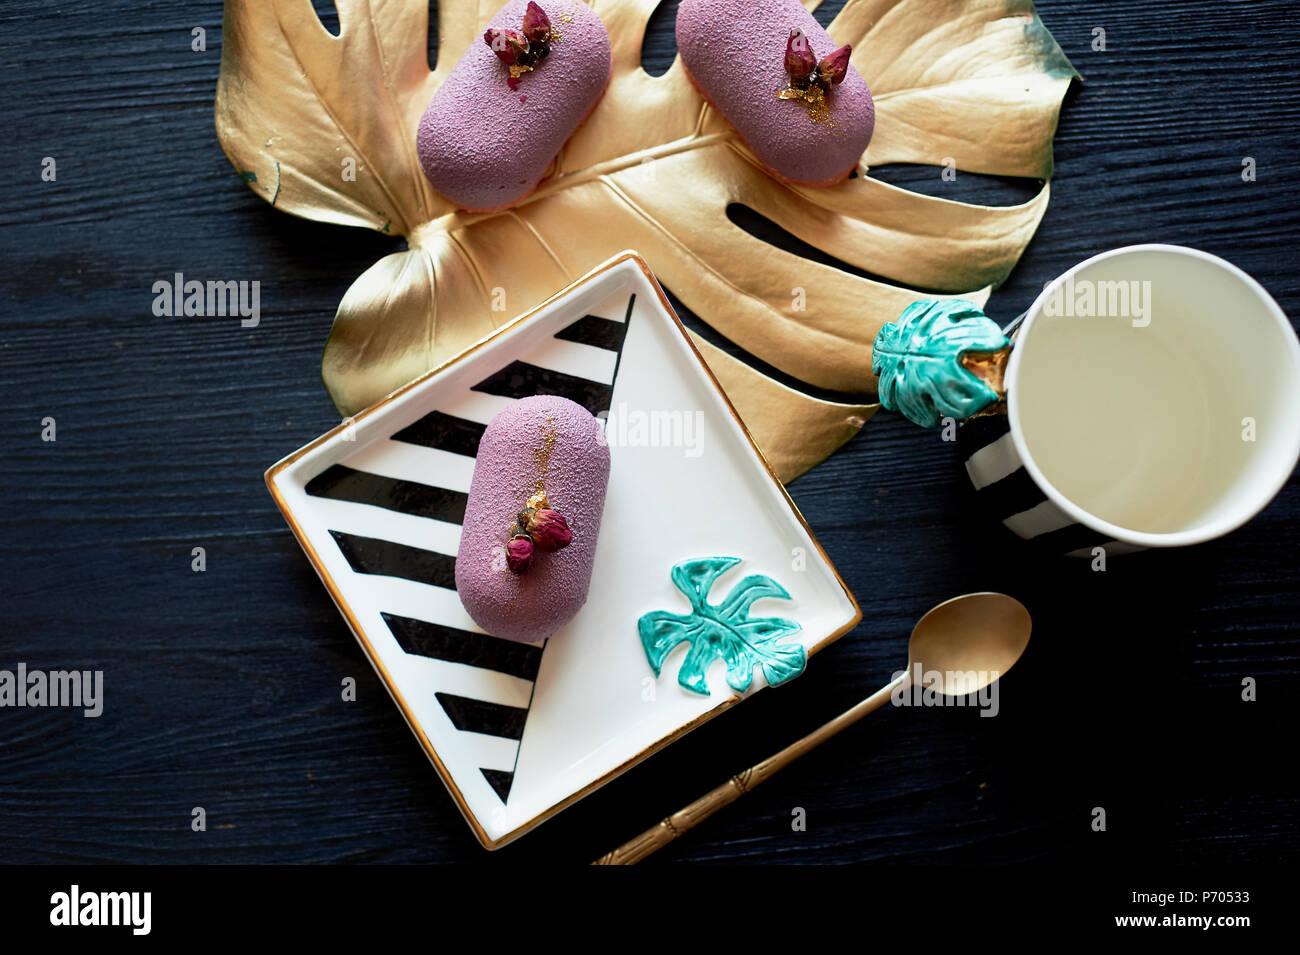 Lila Früchte Mousse Cake, auf einer schönen Untertasse. Auf einem dunklen Hintergrund, mit einem Blatt monstera in gold Lack lackiert. Kulinarische Kunst Stockfoto